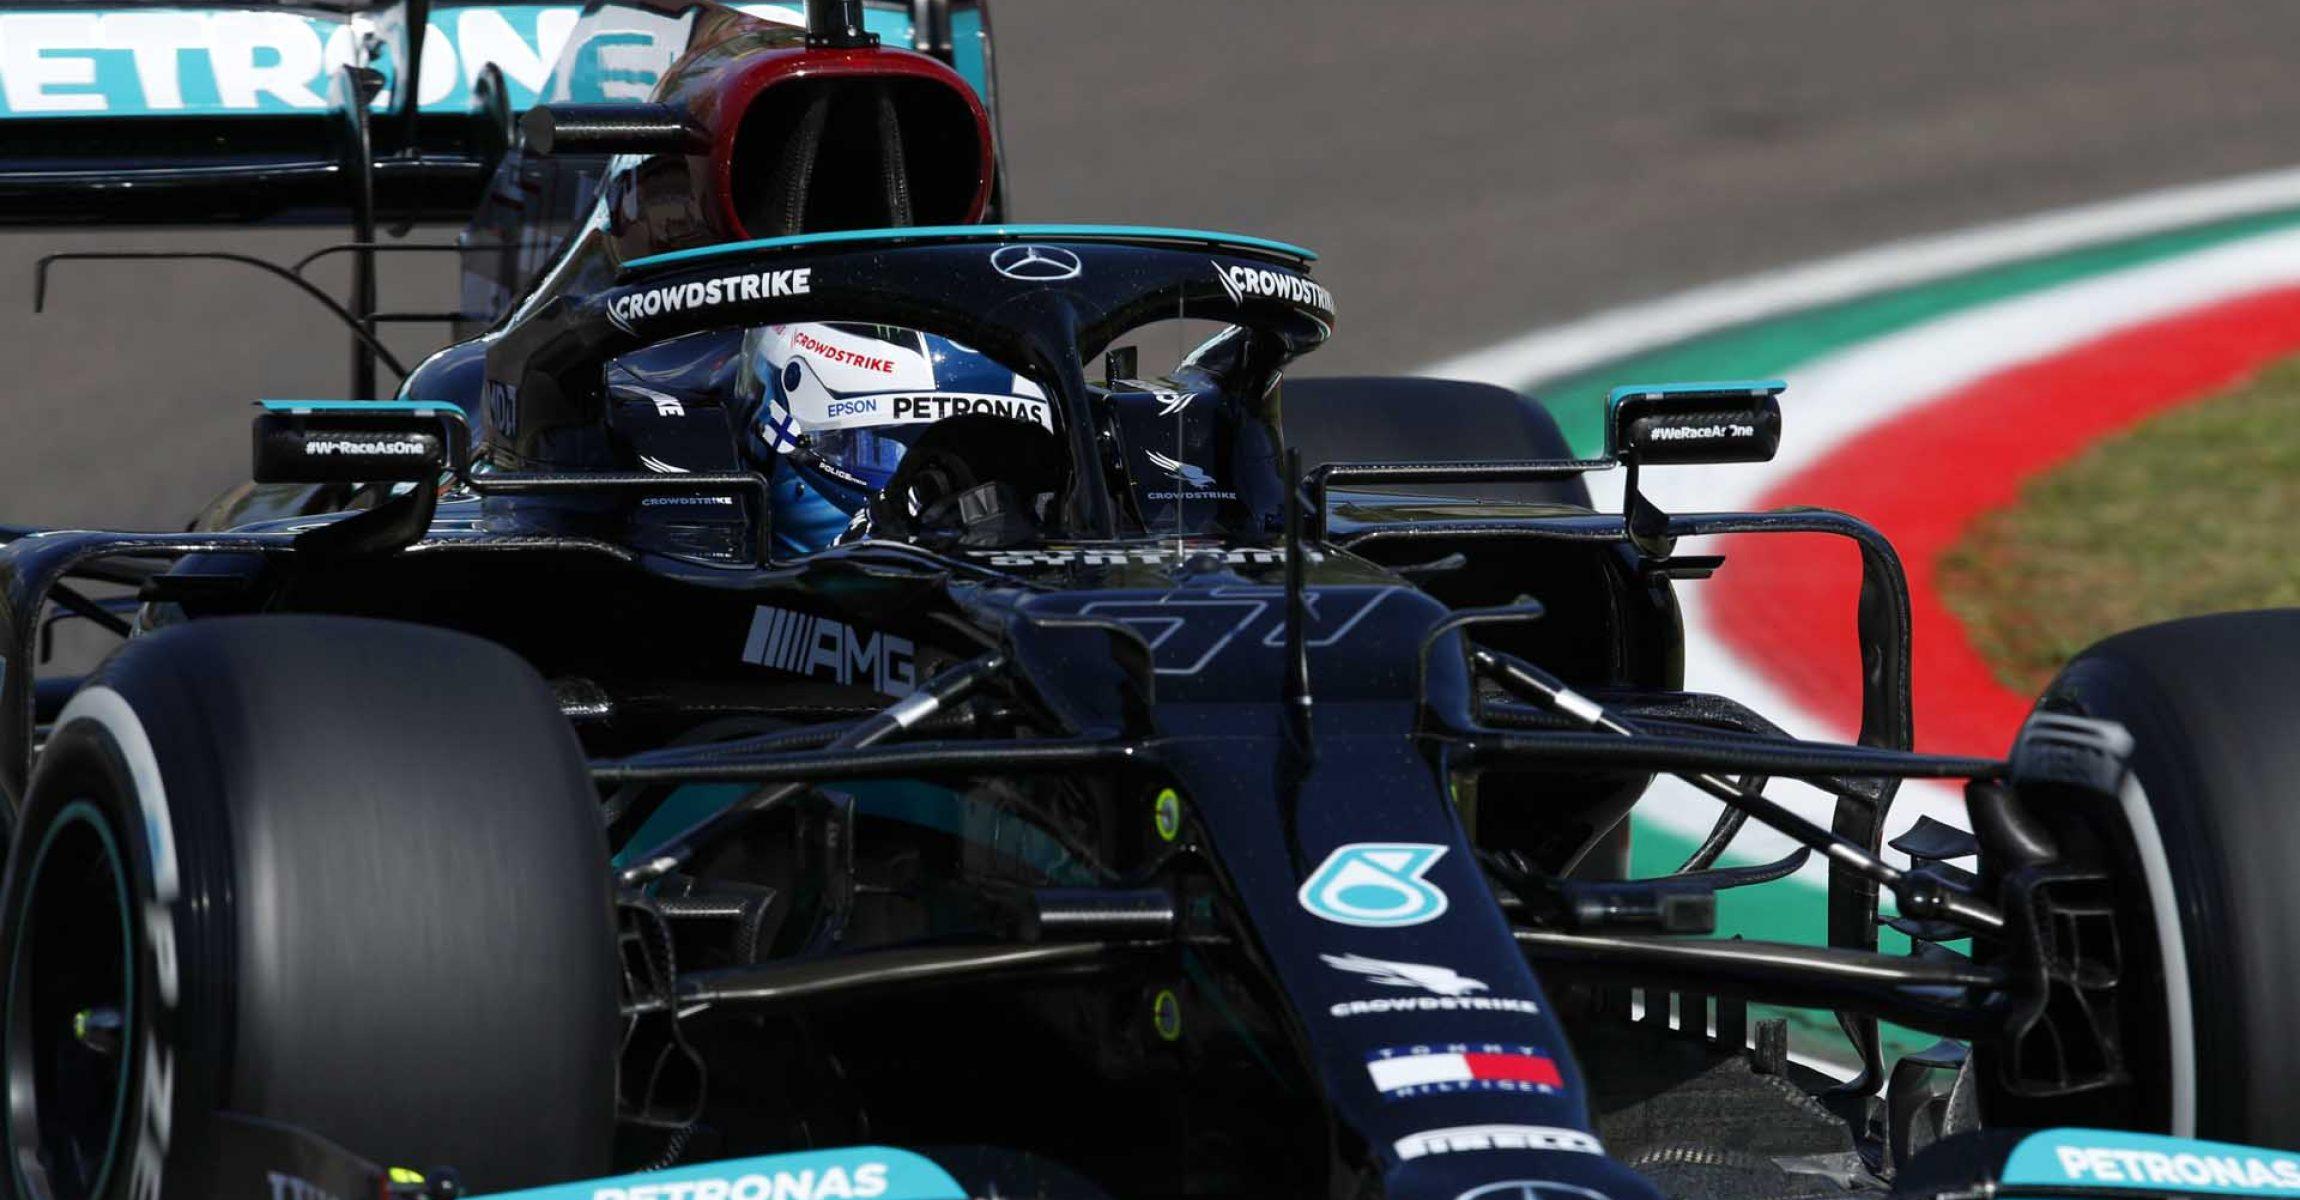 2021 Emilia Romagna Grand Prix, Friday - LAT Images Valtteri Bottas Mercedes